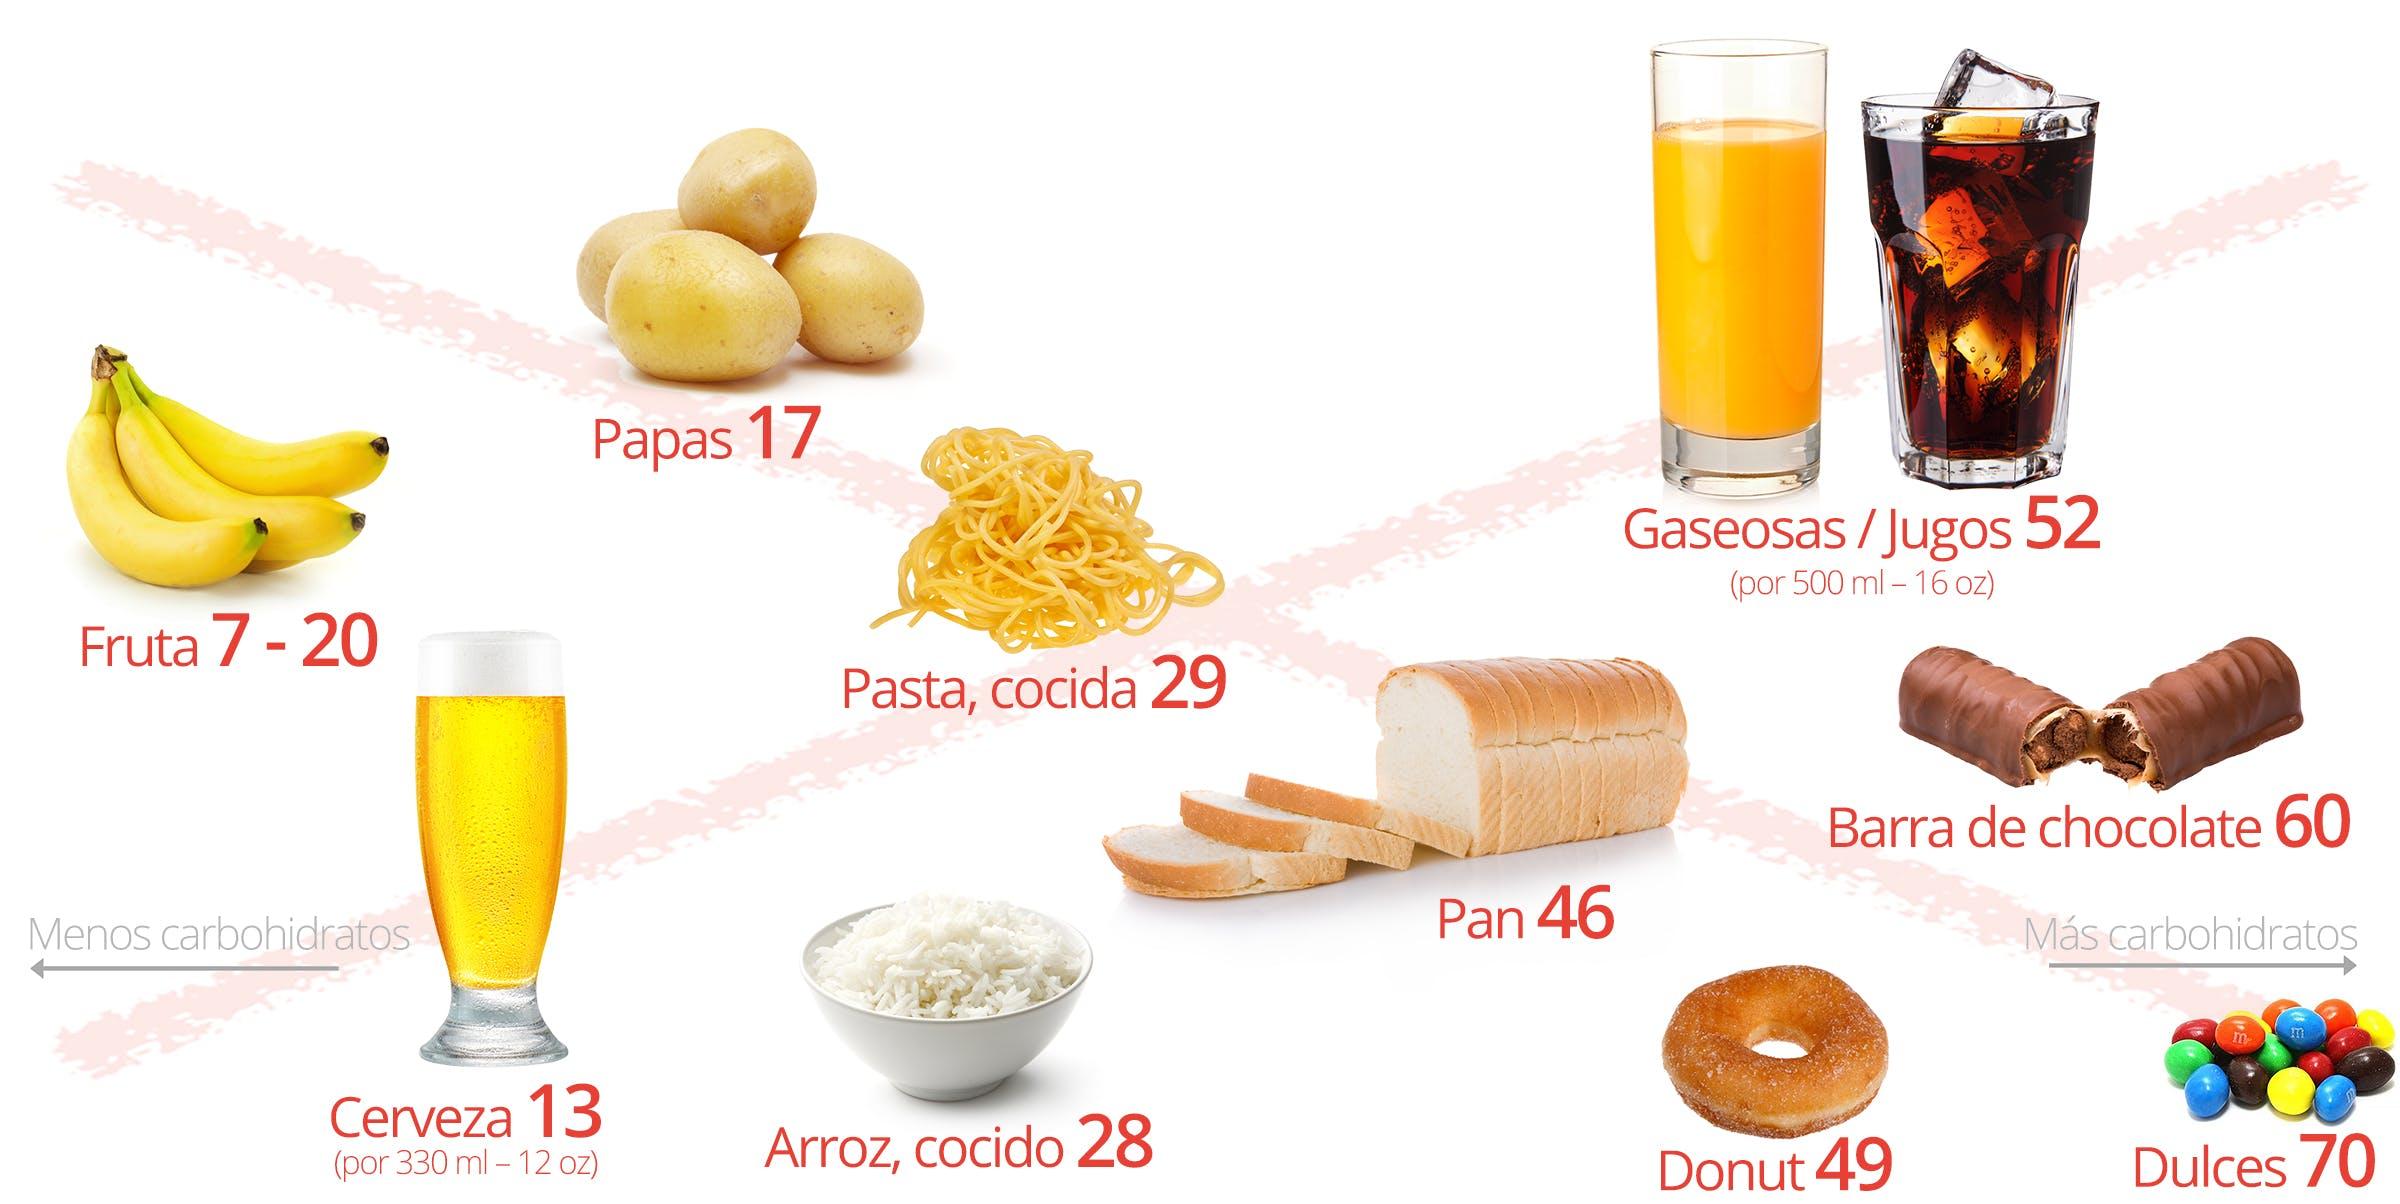 Alimentos a evitar en bajos carbohidratos: pan, pasta, arroz, papas, fruta, cerveza, gaseosa, jugo, dulces